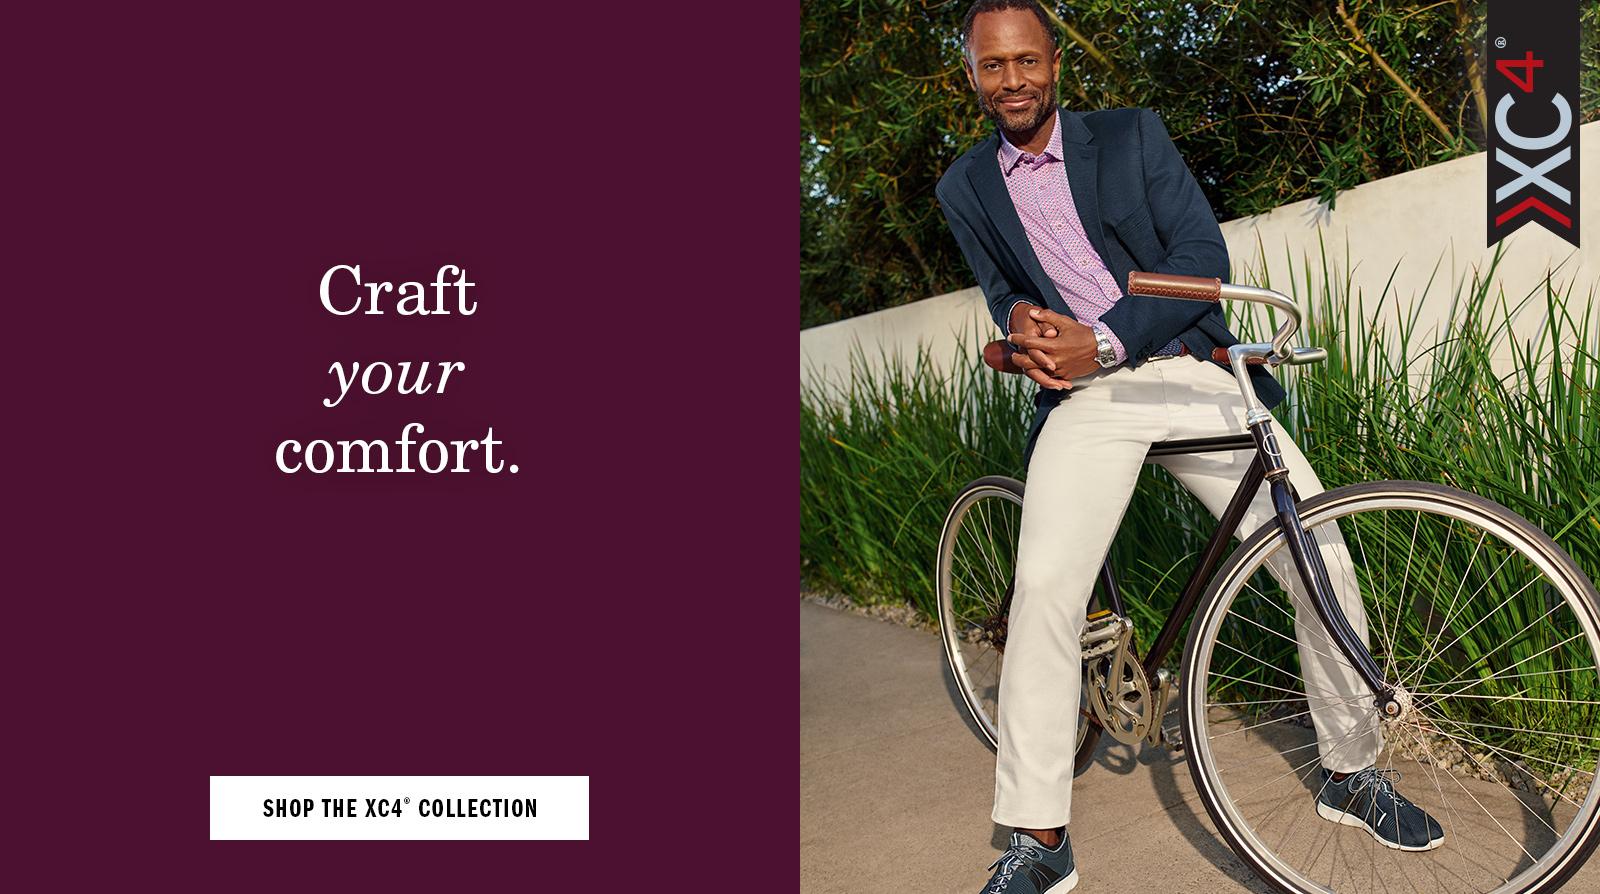 Craft your comfort - Shop Men